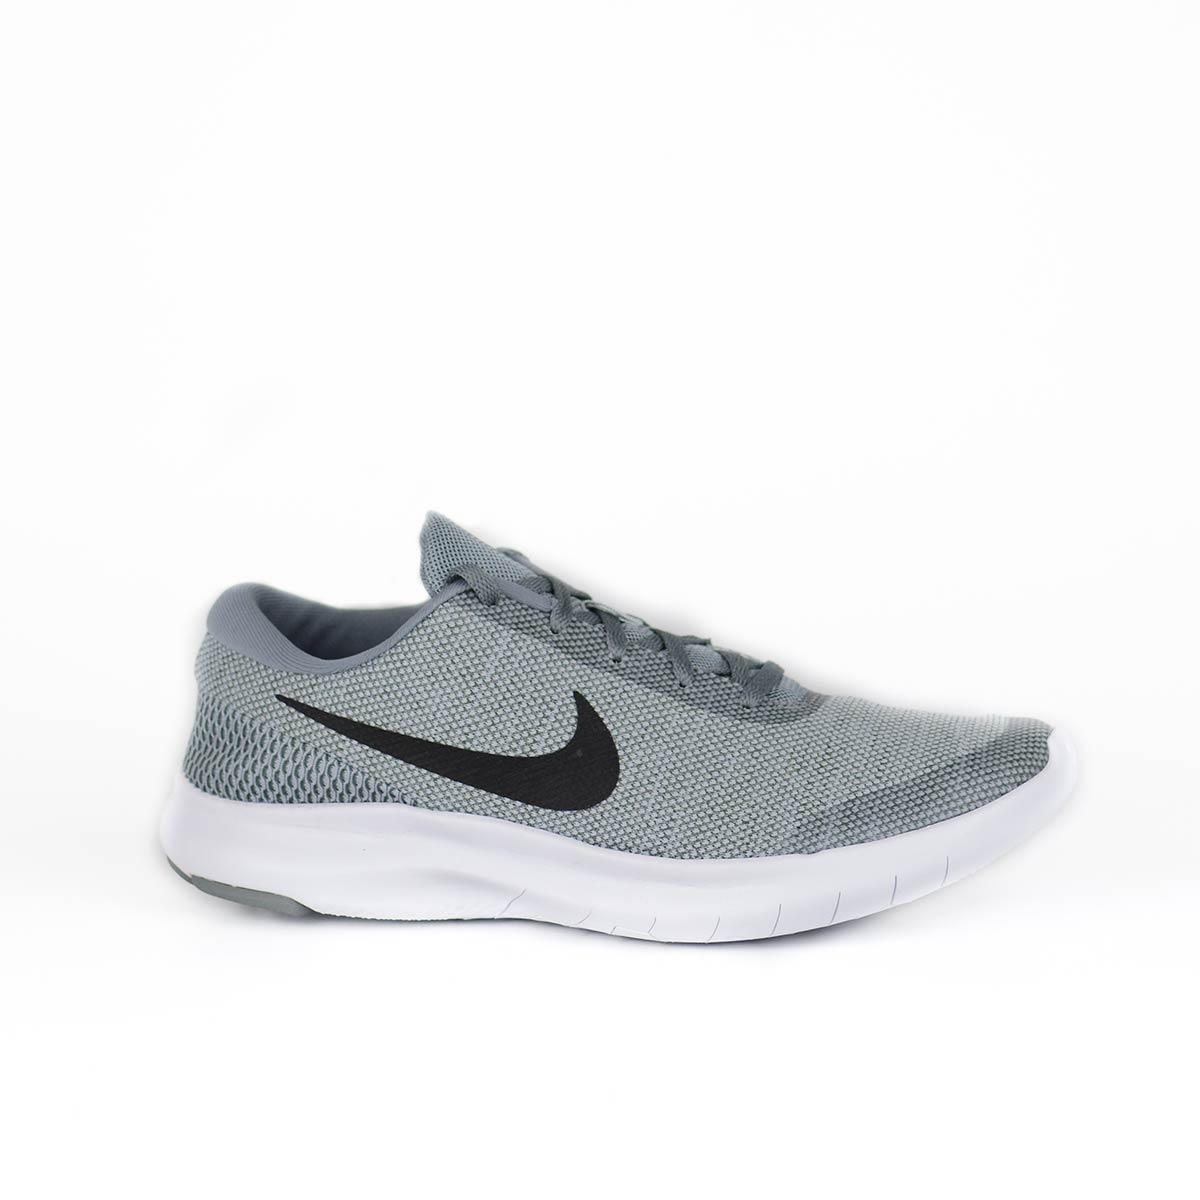 af5c8128c4 Nike Flex Experience RN 7 Cinza